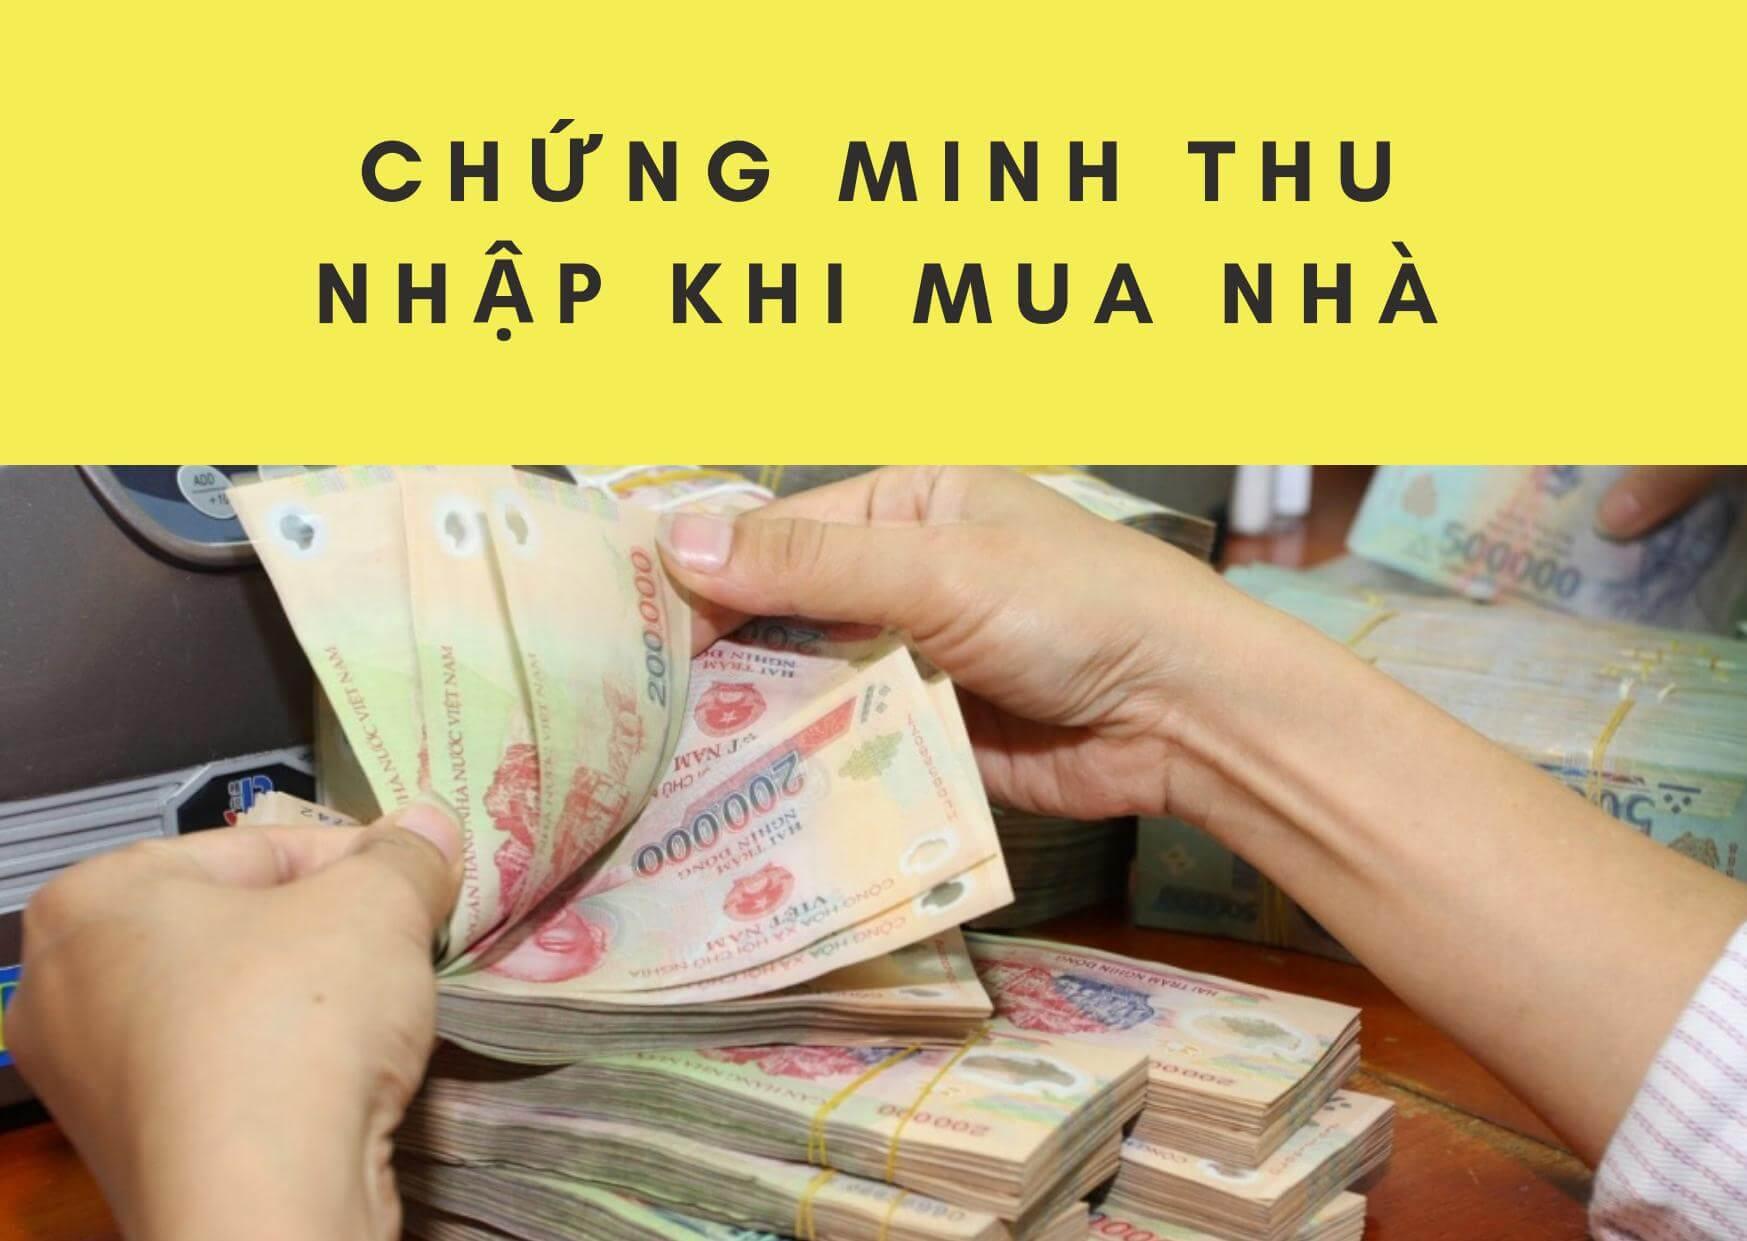 Chứng minh thu nhập khi mua nhà